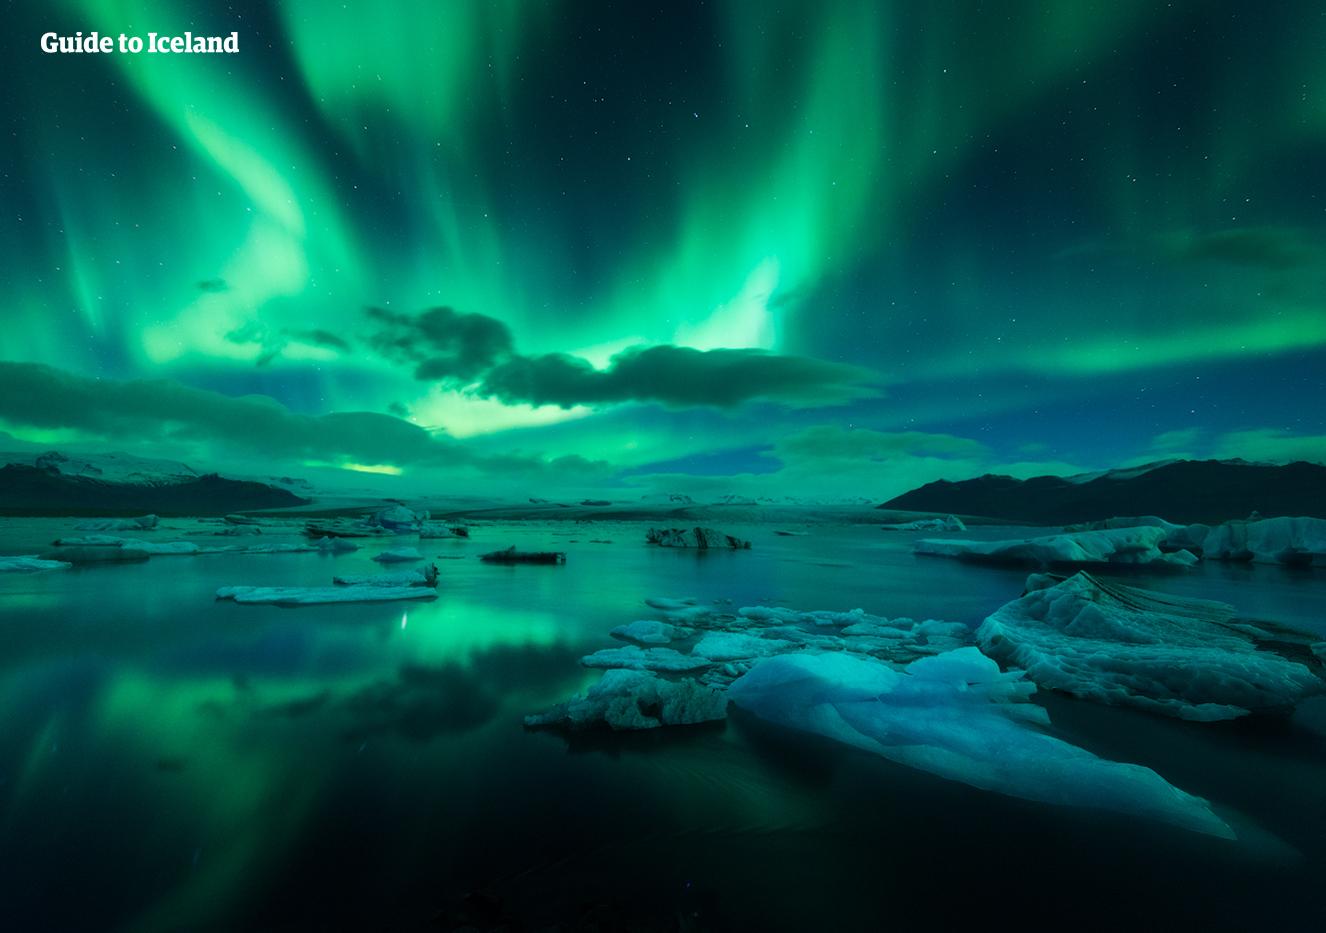 4 Tgiges Game Of Thrones Tour Paket Golden Circle Sdkste Und Pop Ice Bundle Nordlichter Ber Der Atemberaubenden Gletscherlagune Jkulsrln